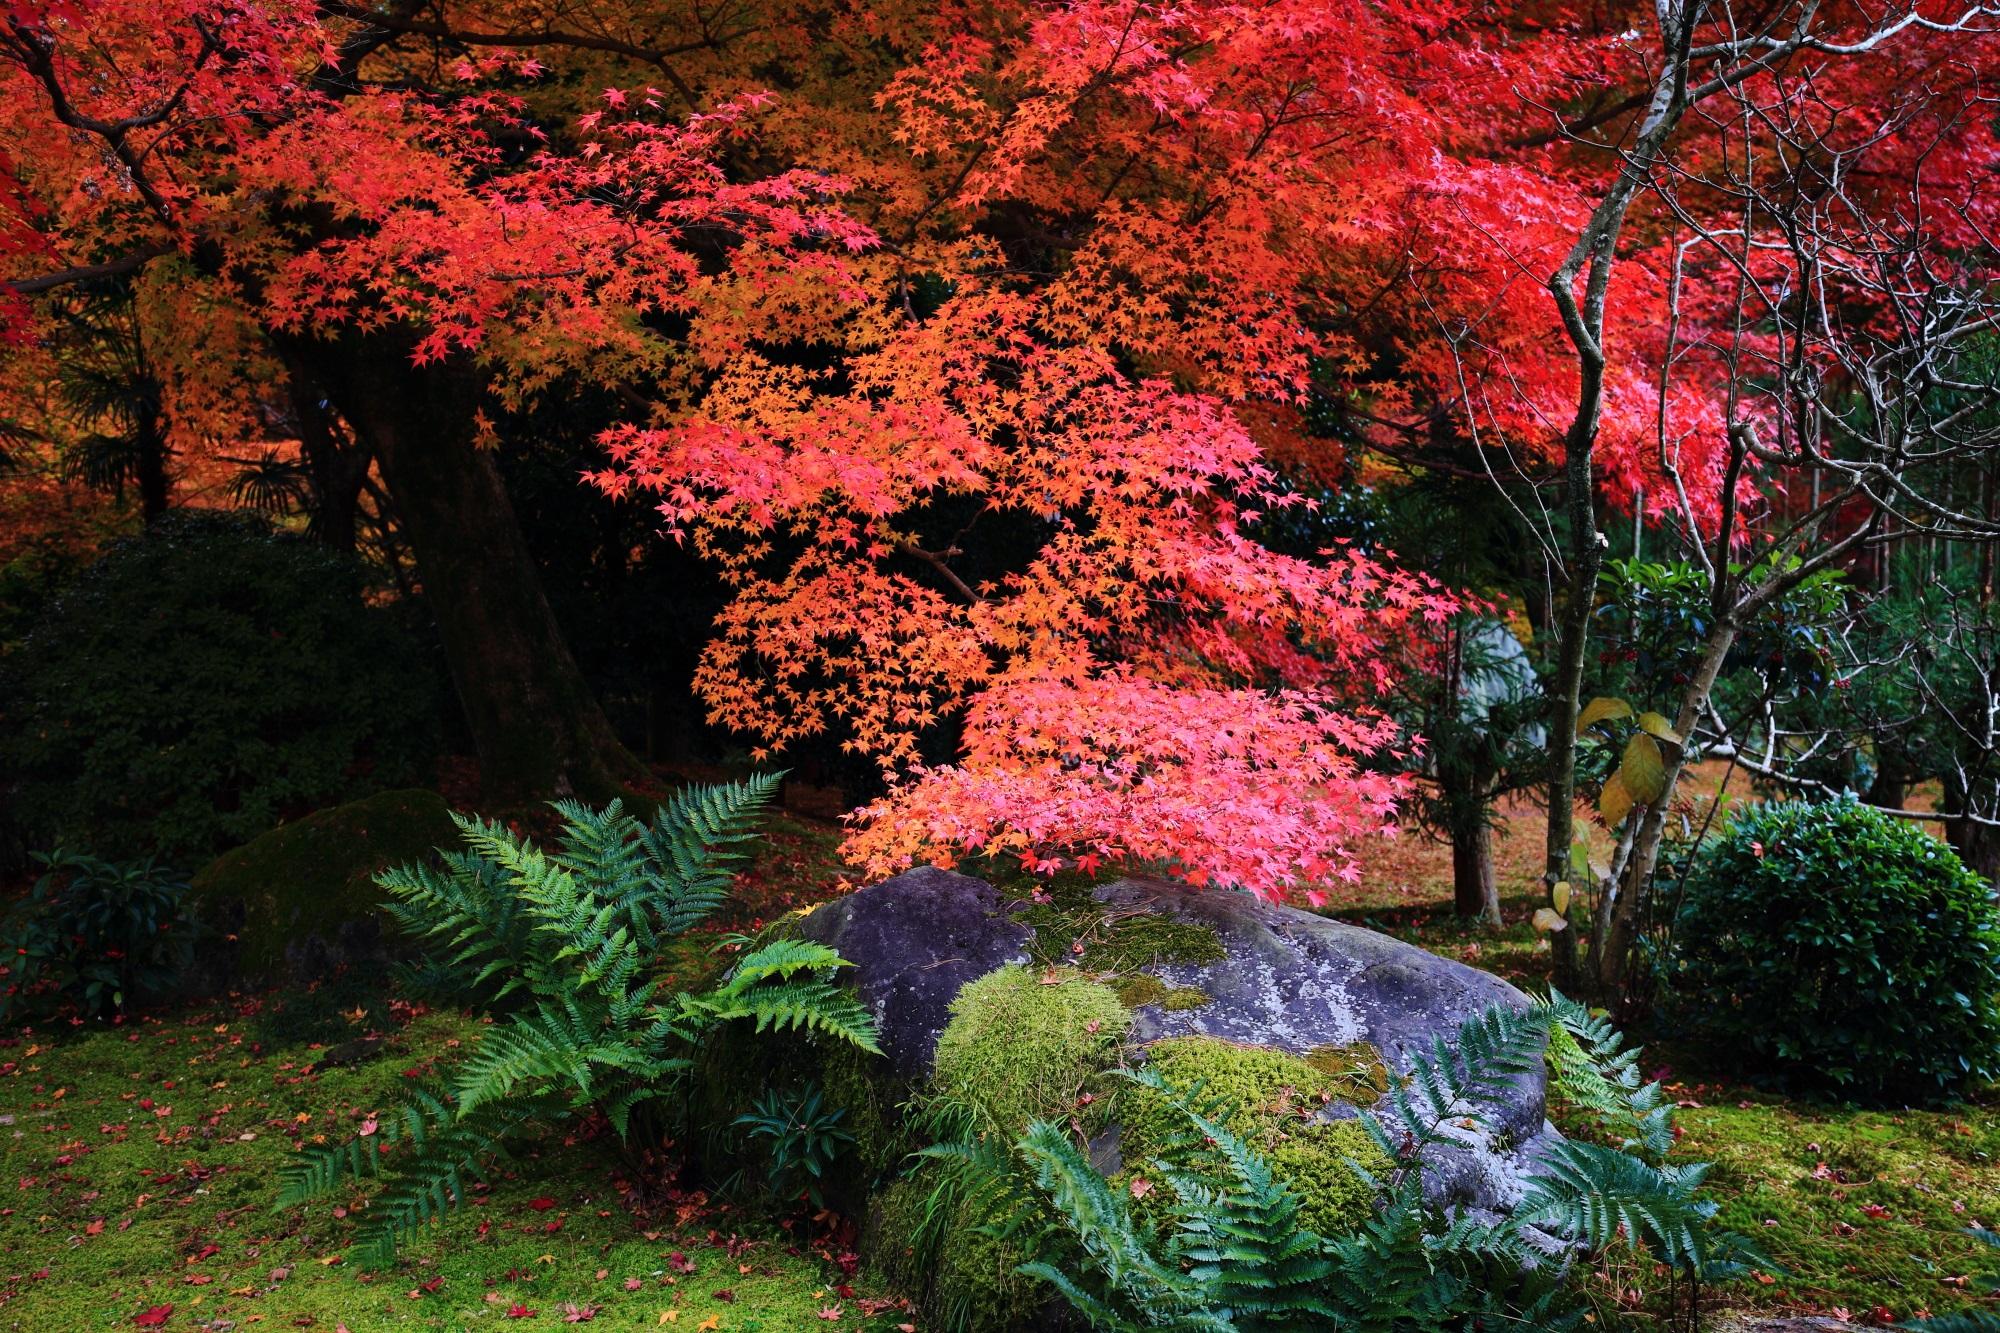 苔庭のような場所の見事な紅葉